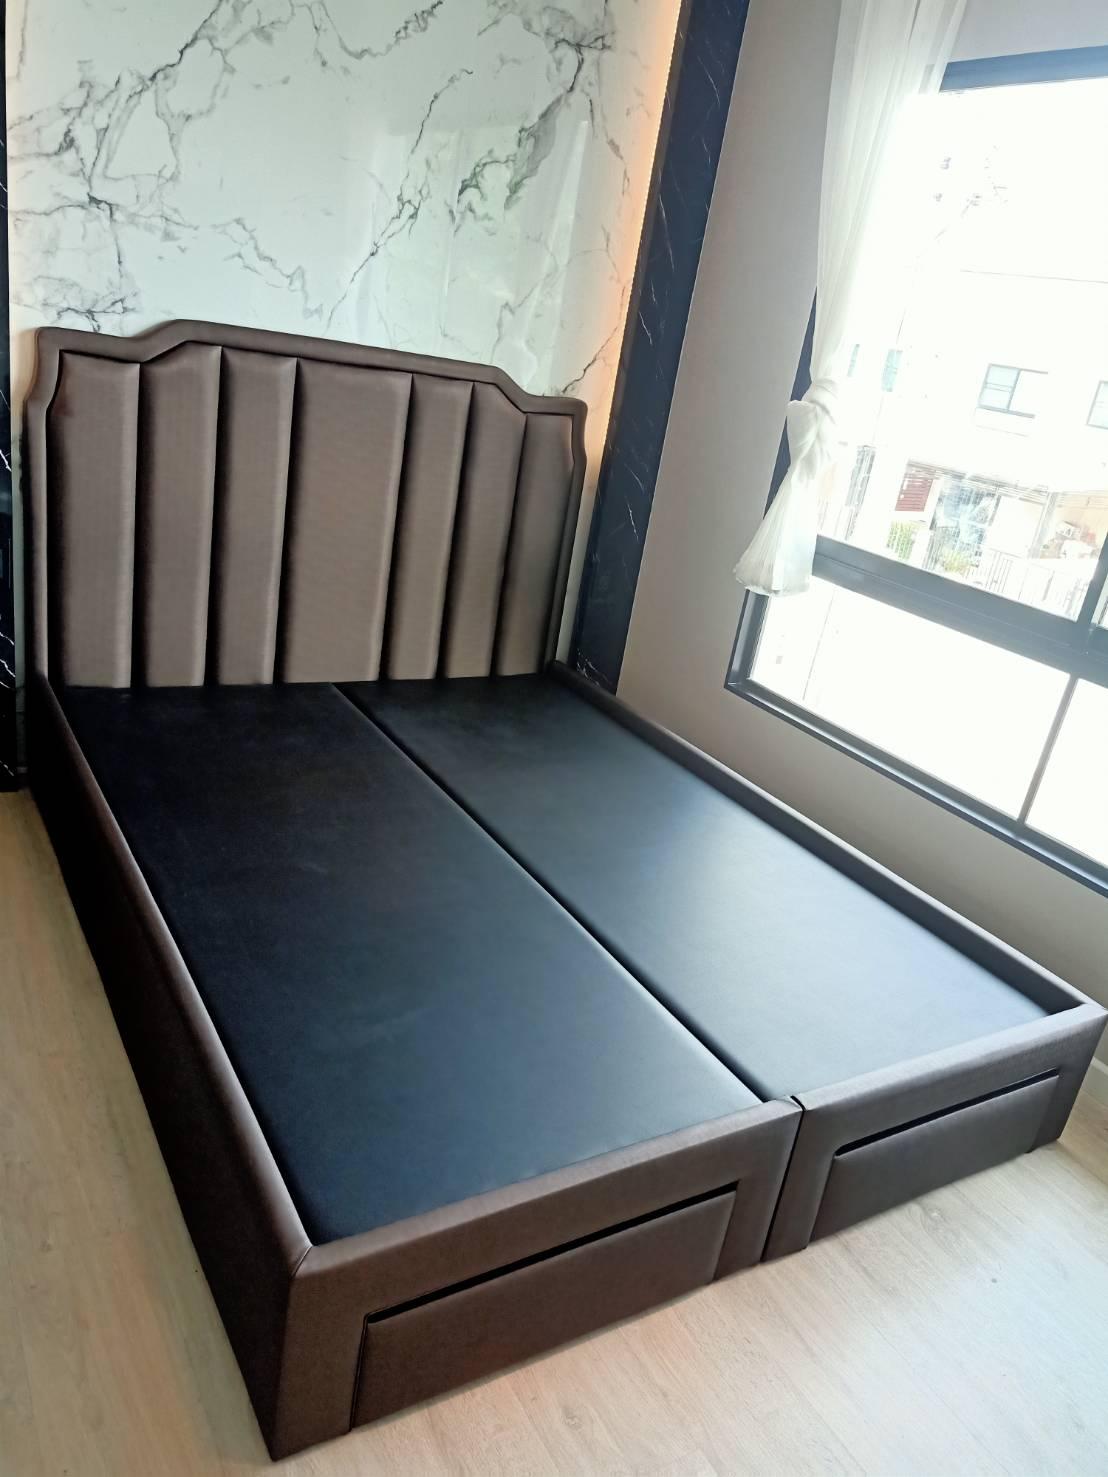 ฐานรองที่นอน เตียงหุ้มหนังมีลิ้นชัก เตียงเก็บของ